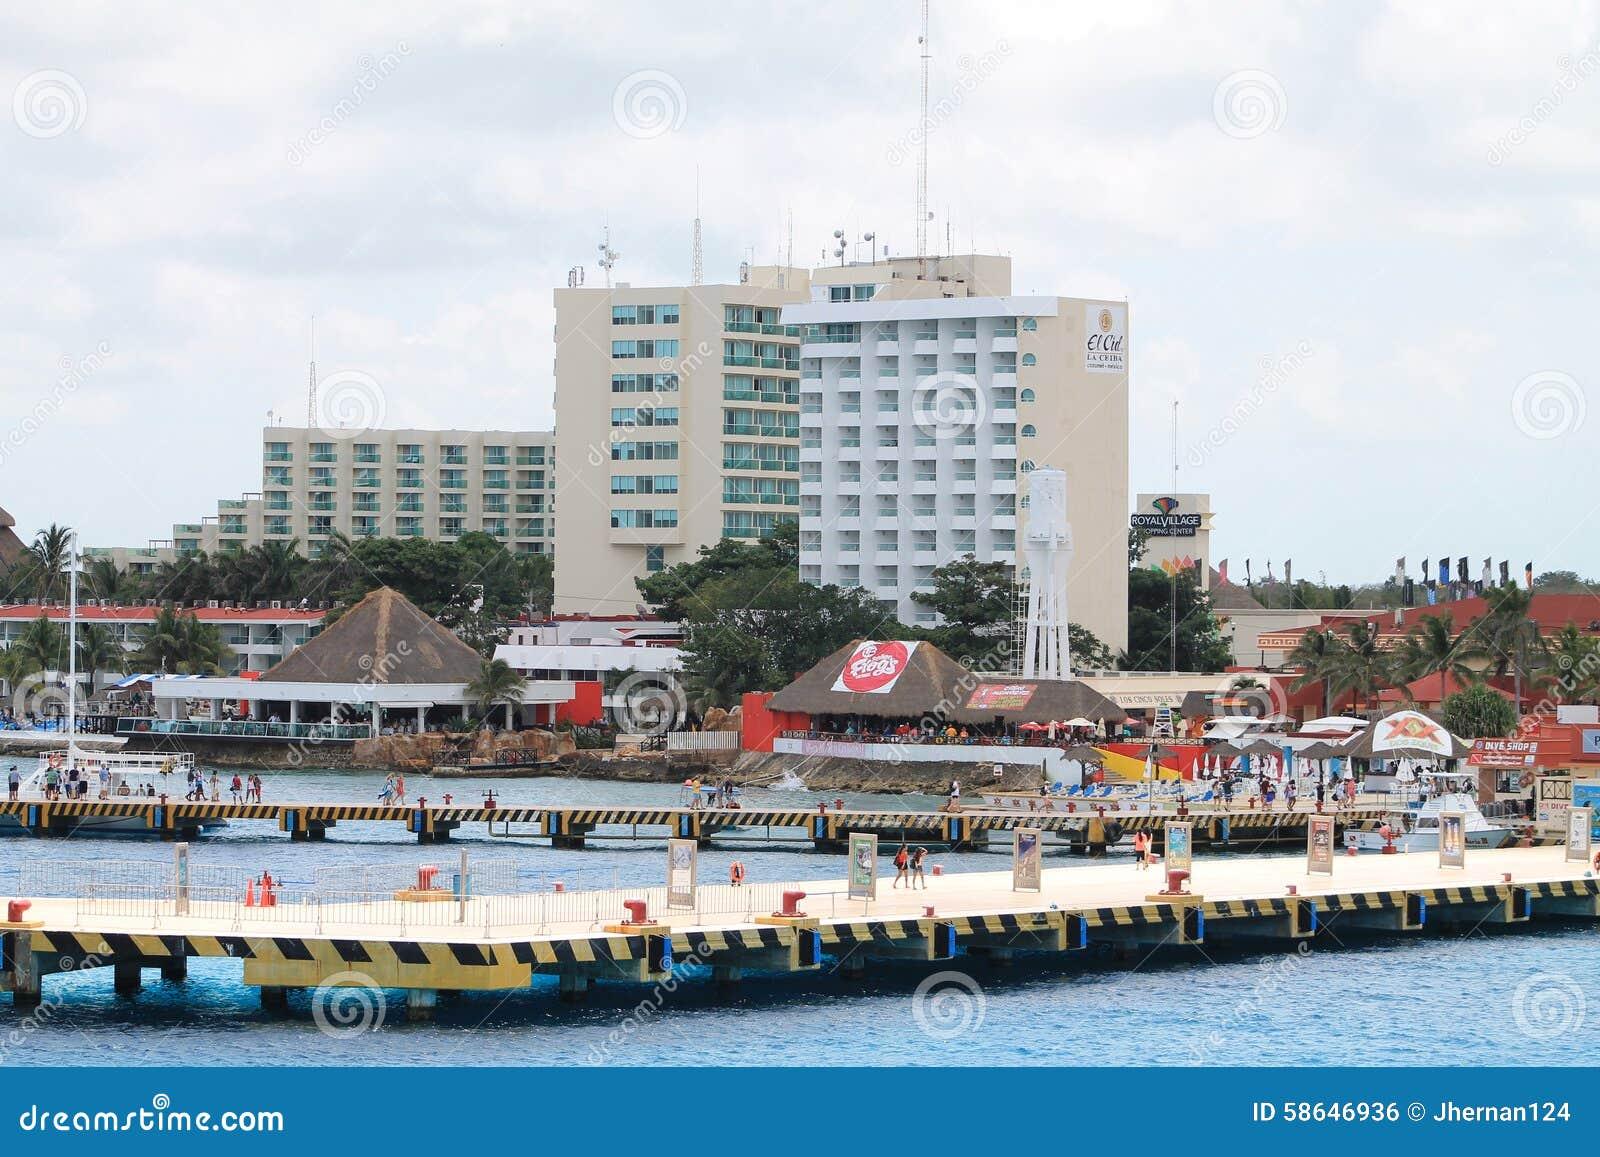 Piers mexican coastline